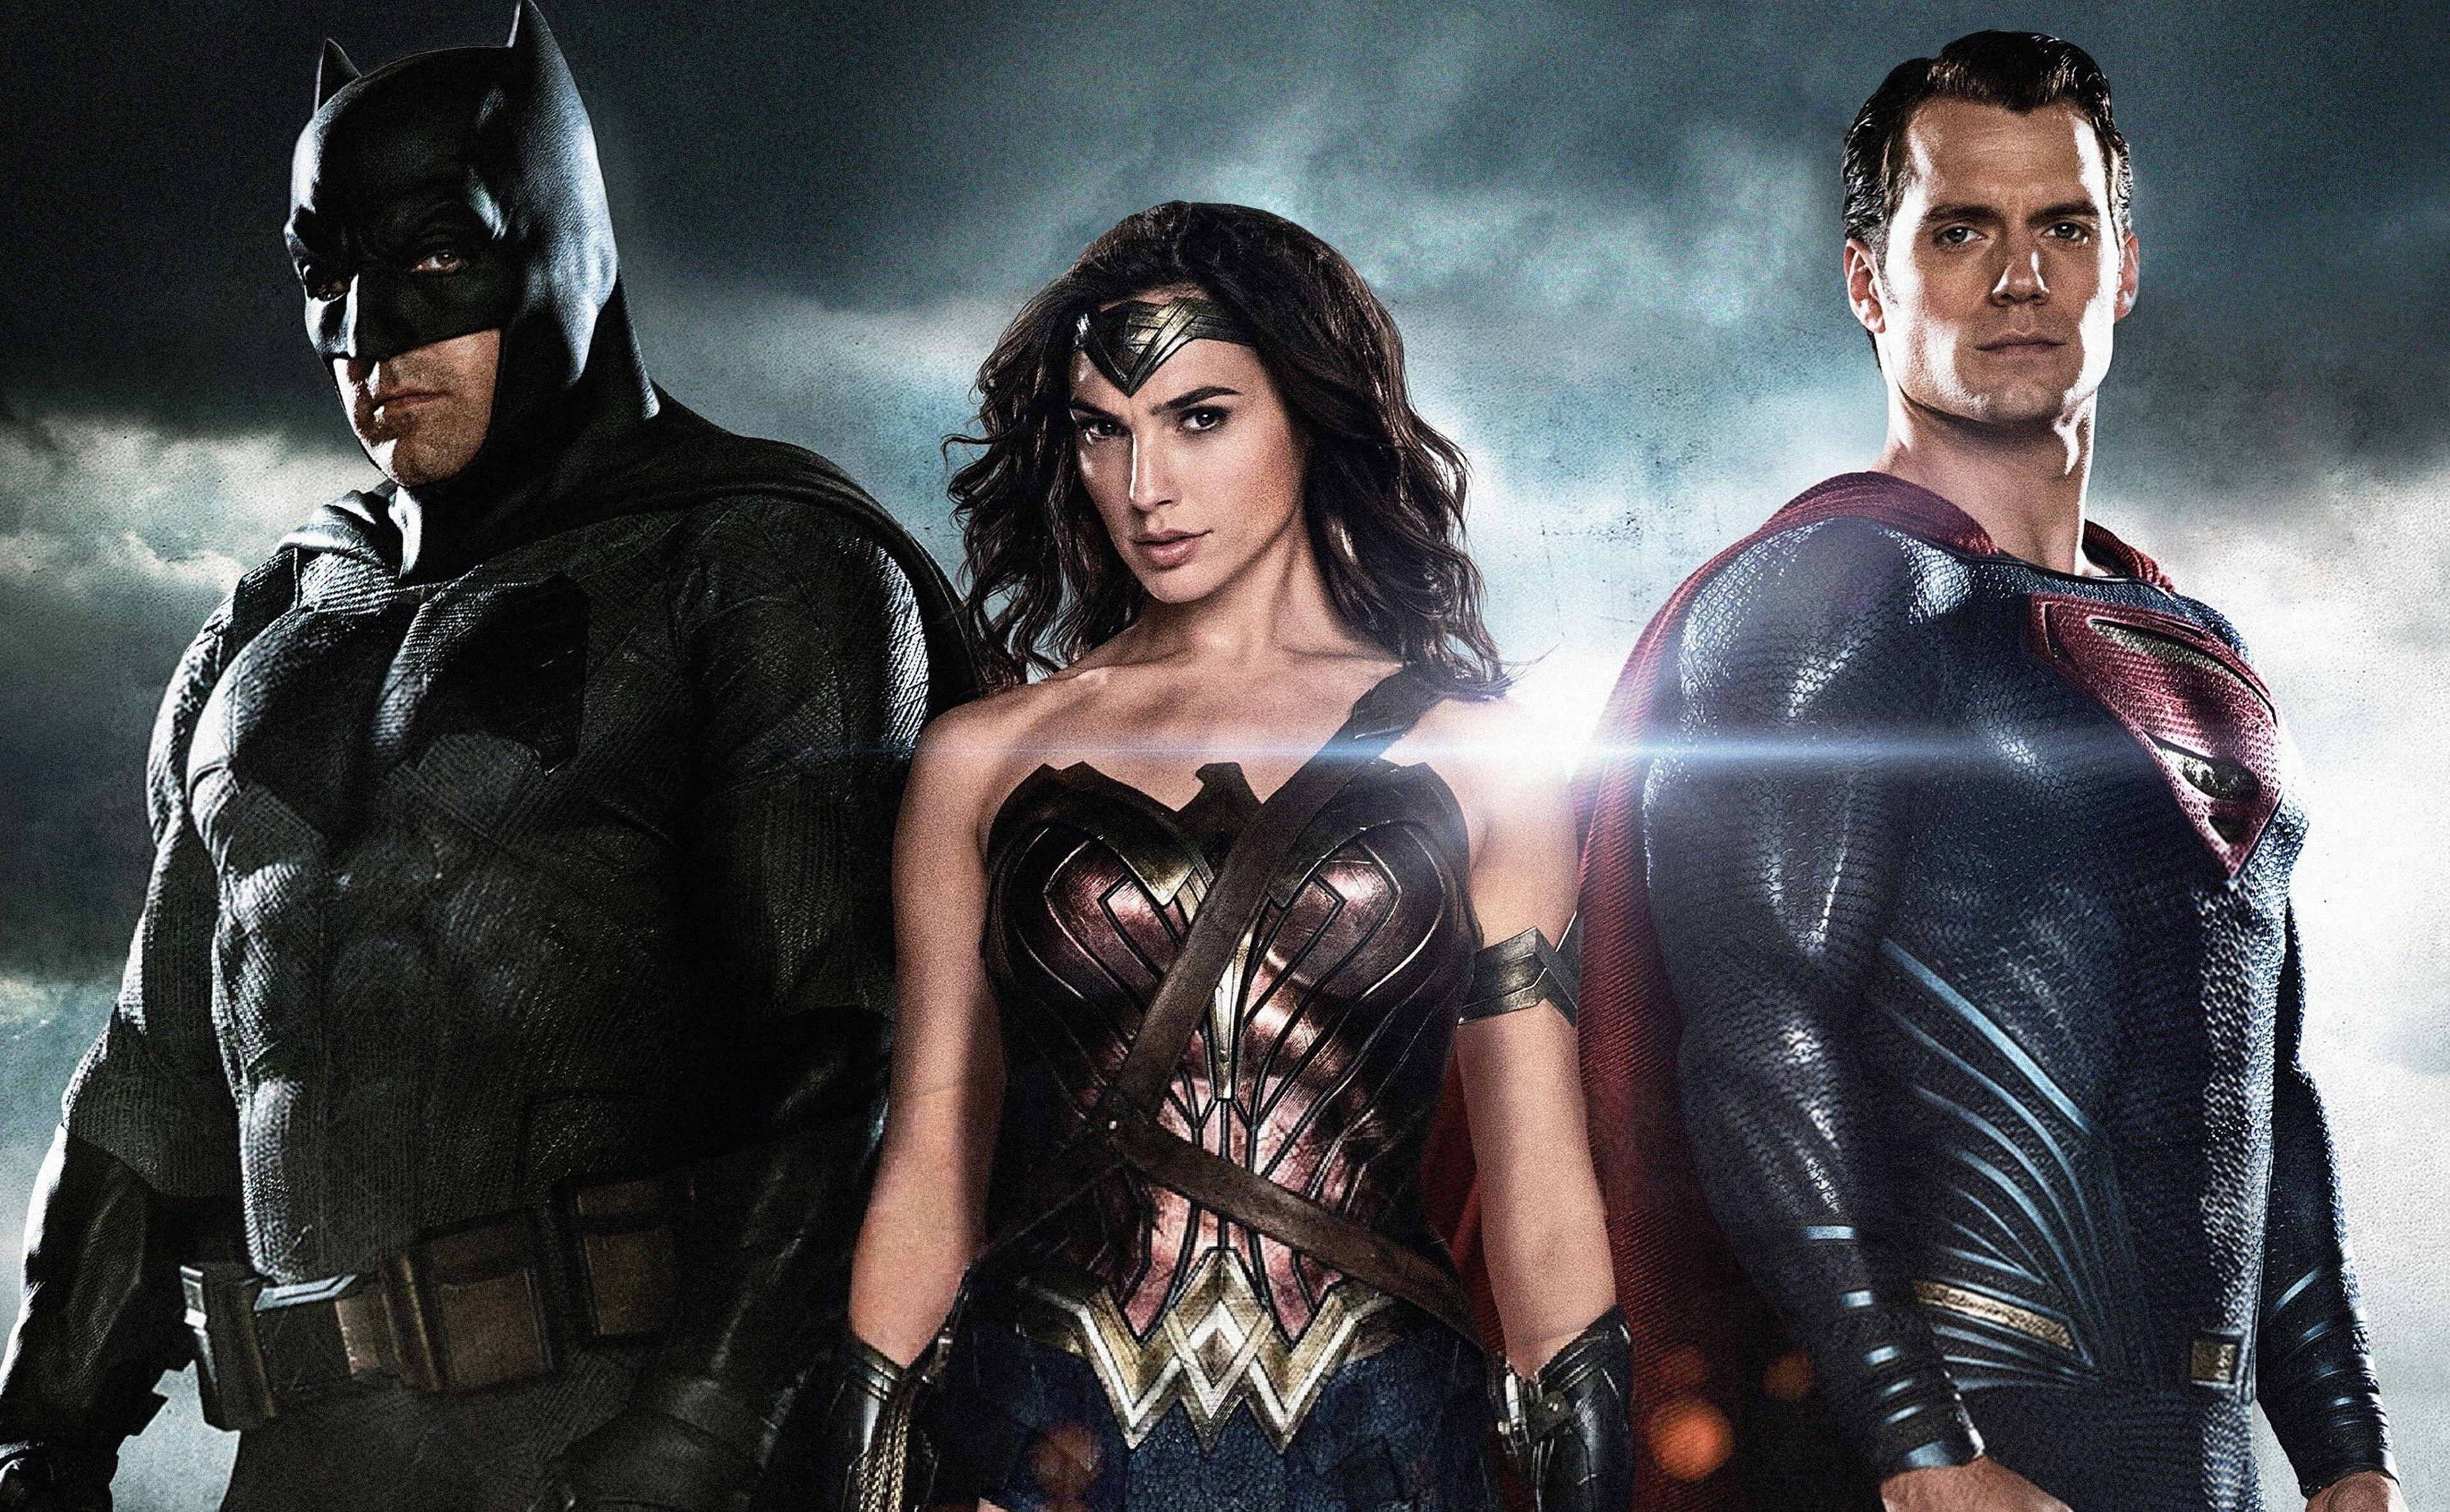 Batman V Superman Dawn Of Justice 4k Screen Download 4k Wallpaper Hdwallpaper Desktop Batman Vs Batman O Filme Batman Vs Superman Ultra hd batman vs superman hd wallpaper